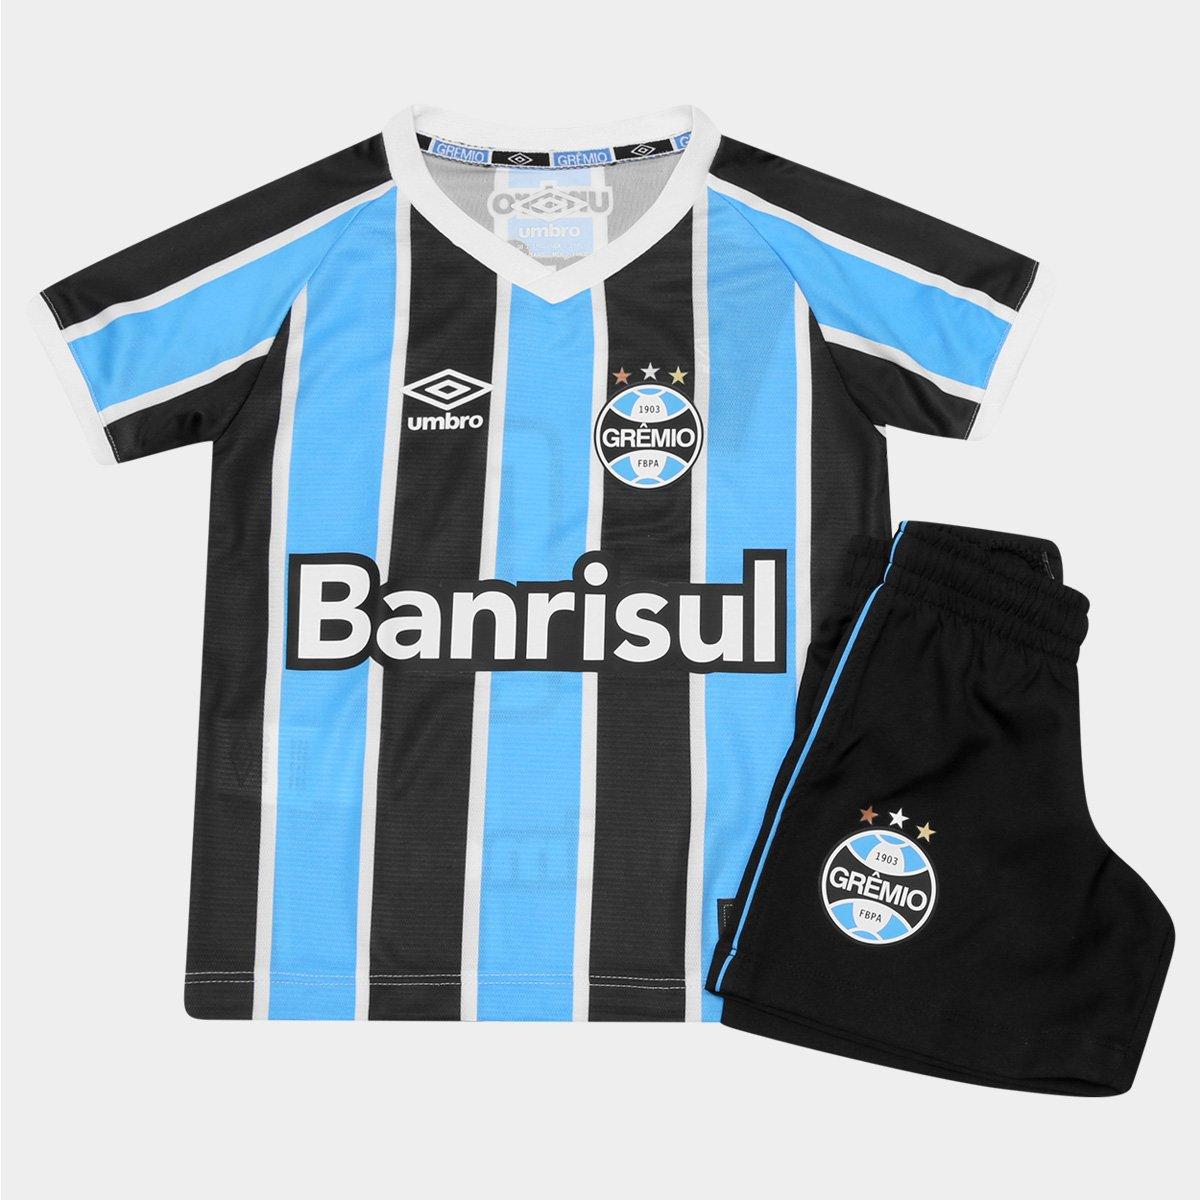 d9e880ae51 Kit Grêmio Infantil 2016 Umbro - Compre Agora